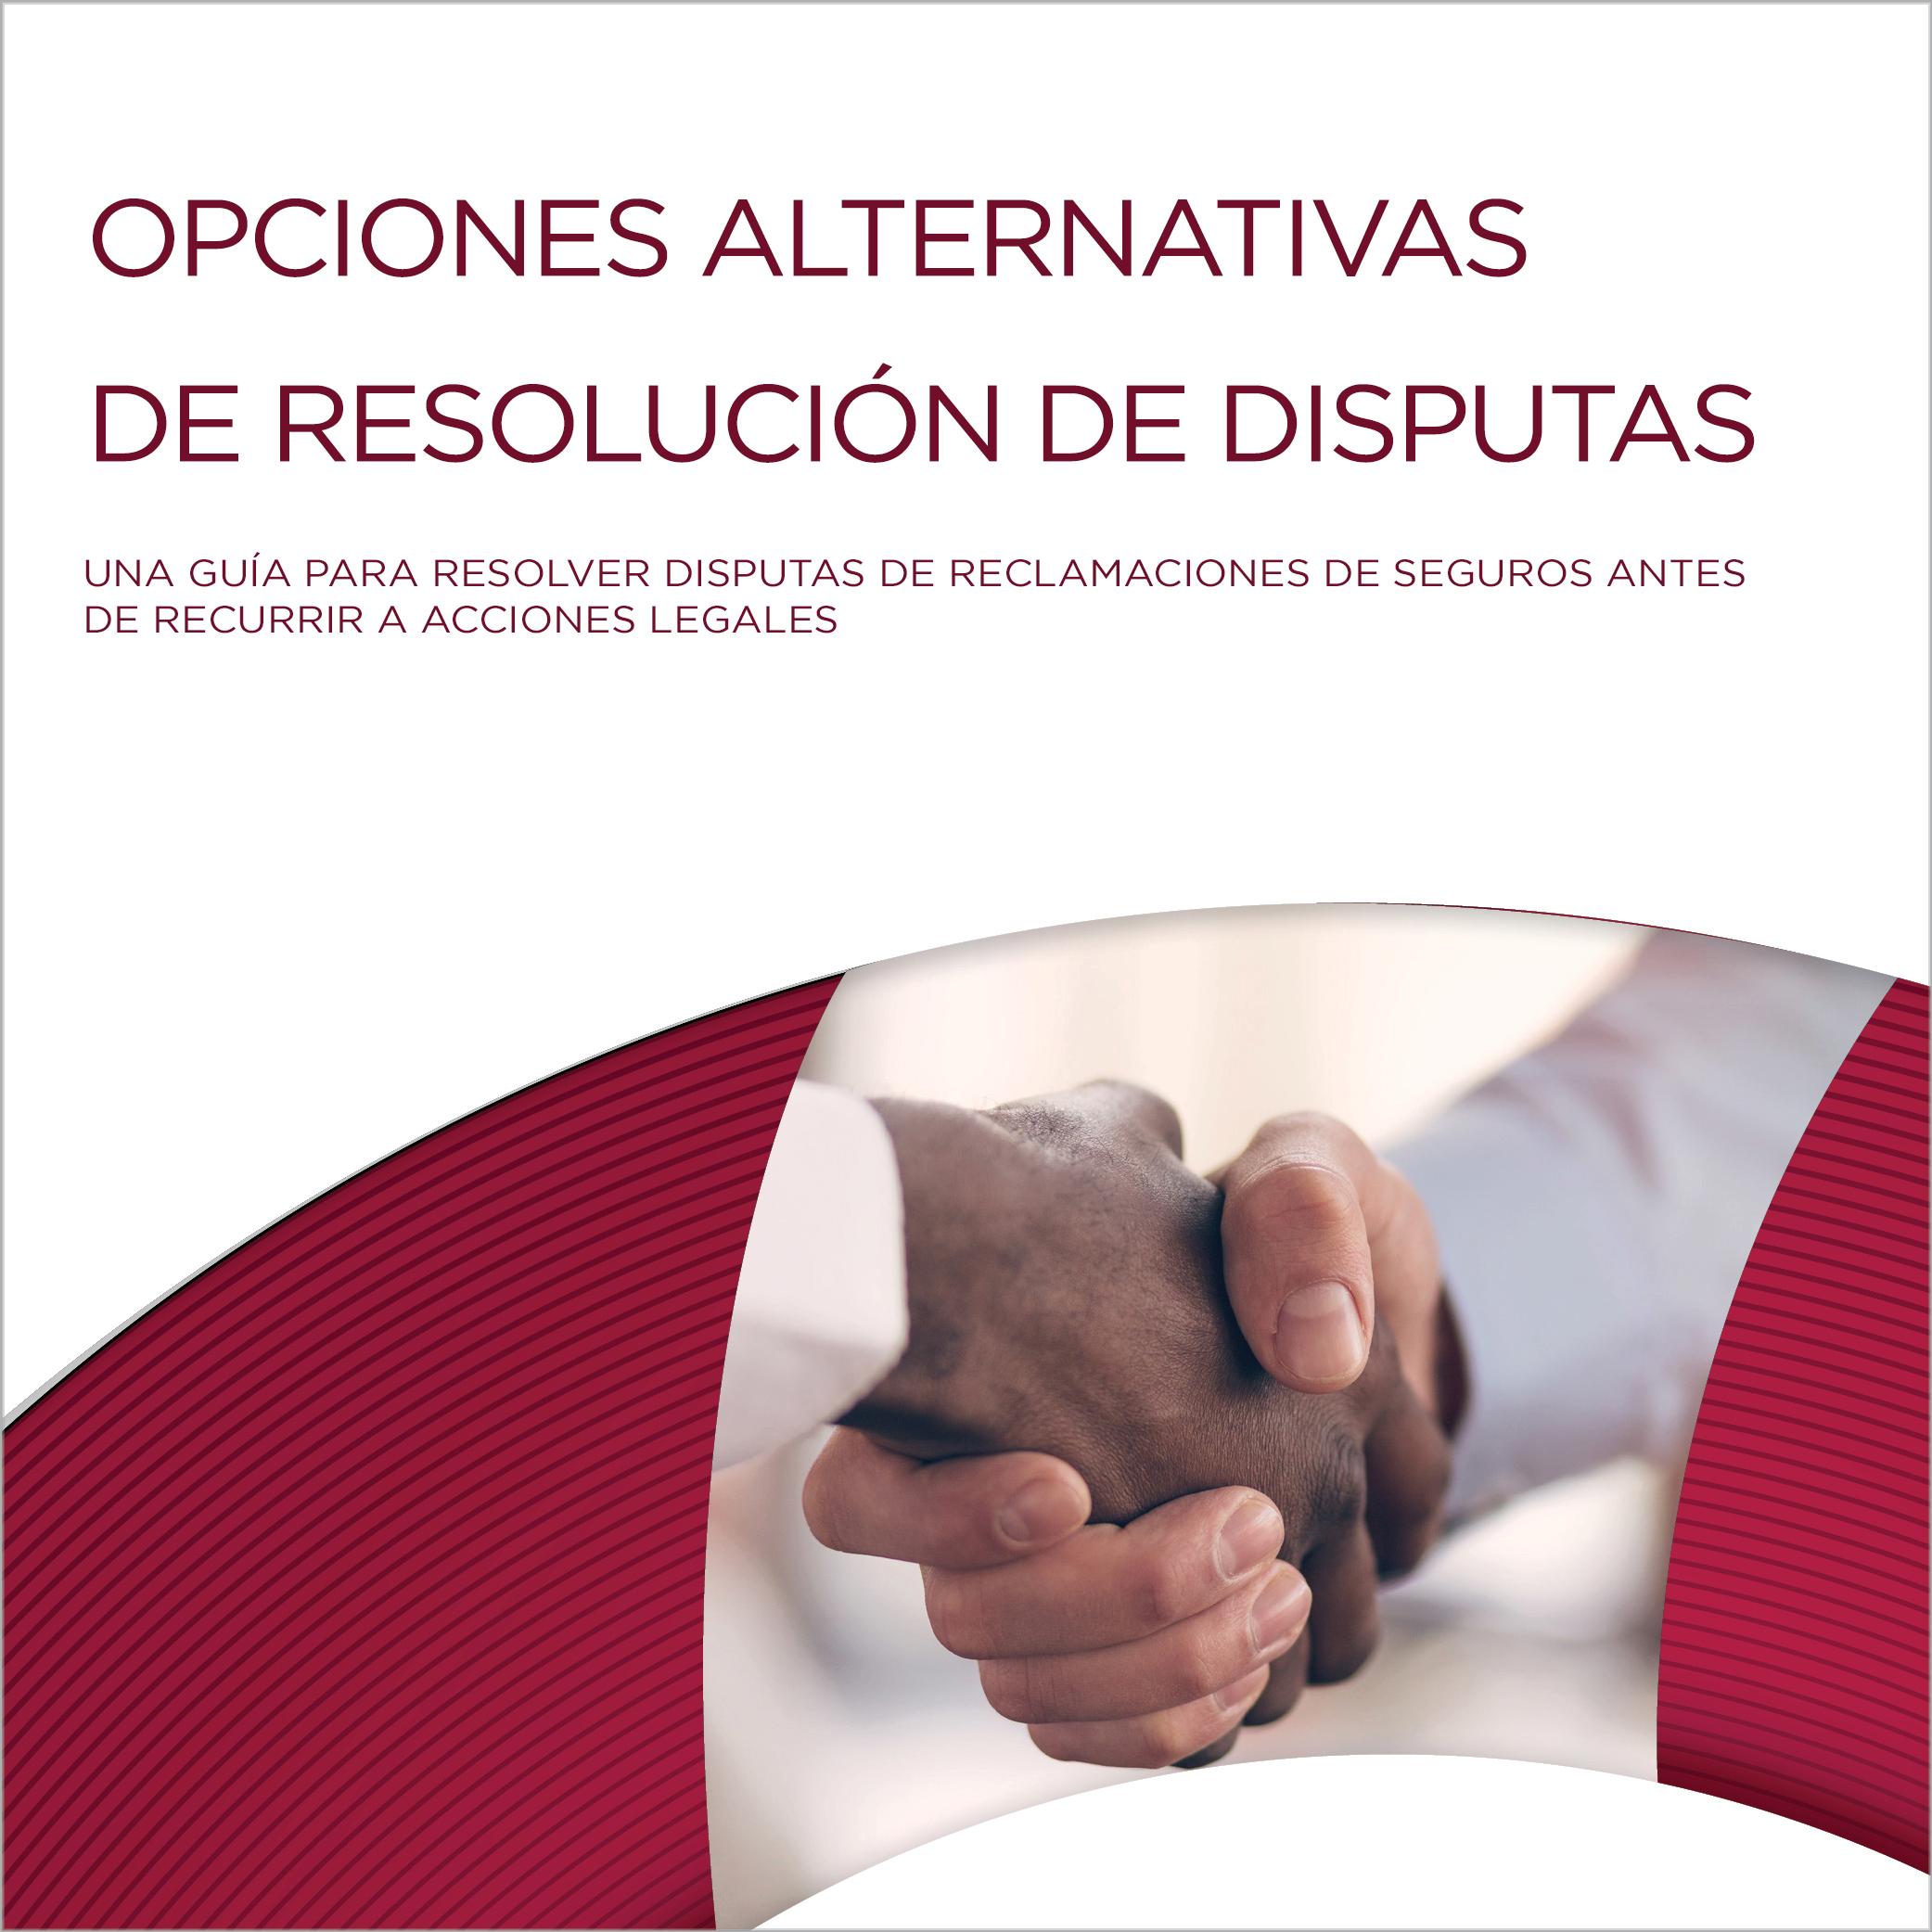 Opciones Alternativas de Resolución de Disputas: Una Guía para Resolver Disputas de Reclamaciones de Seguros Antes de Recurrir a Acciones Legales